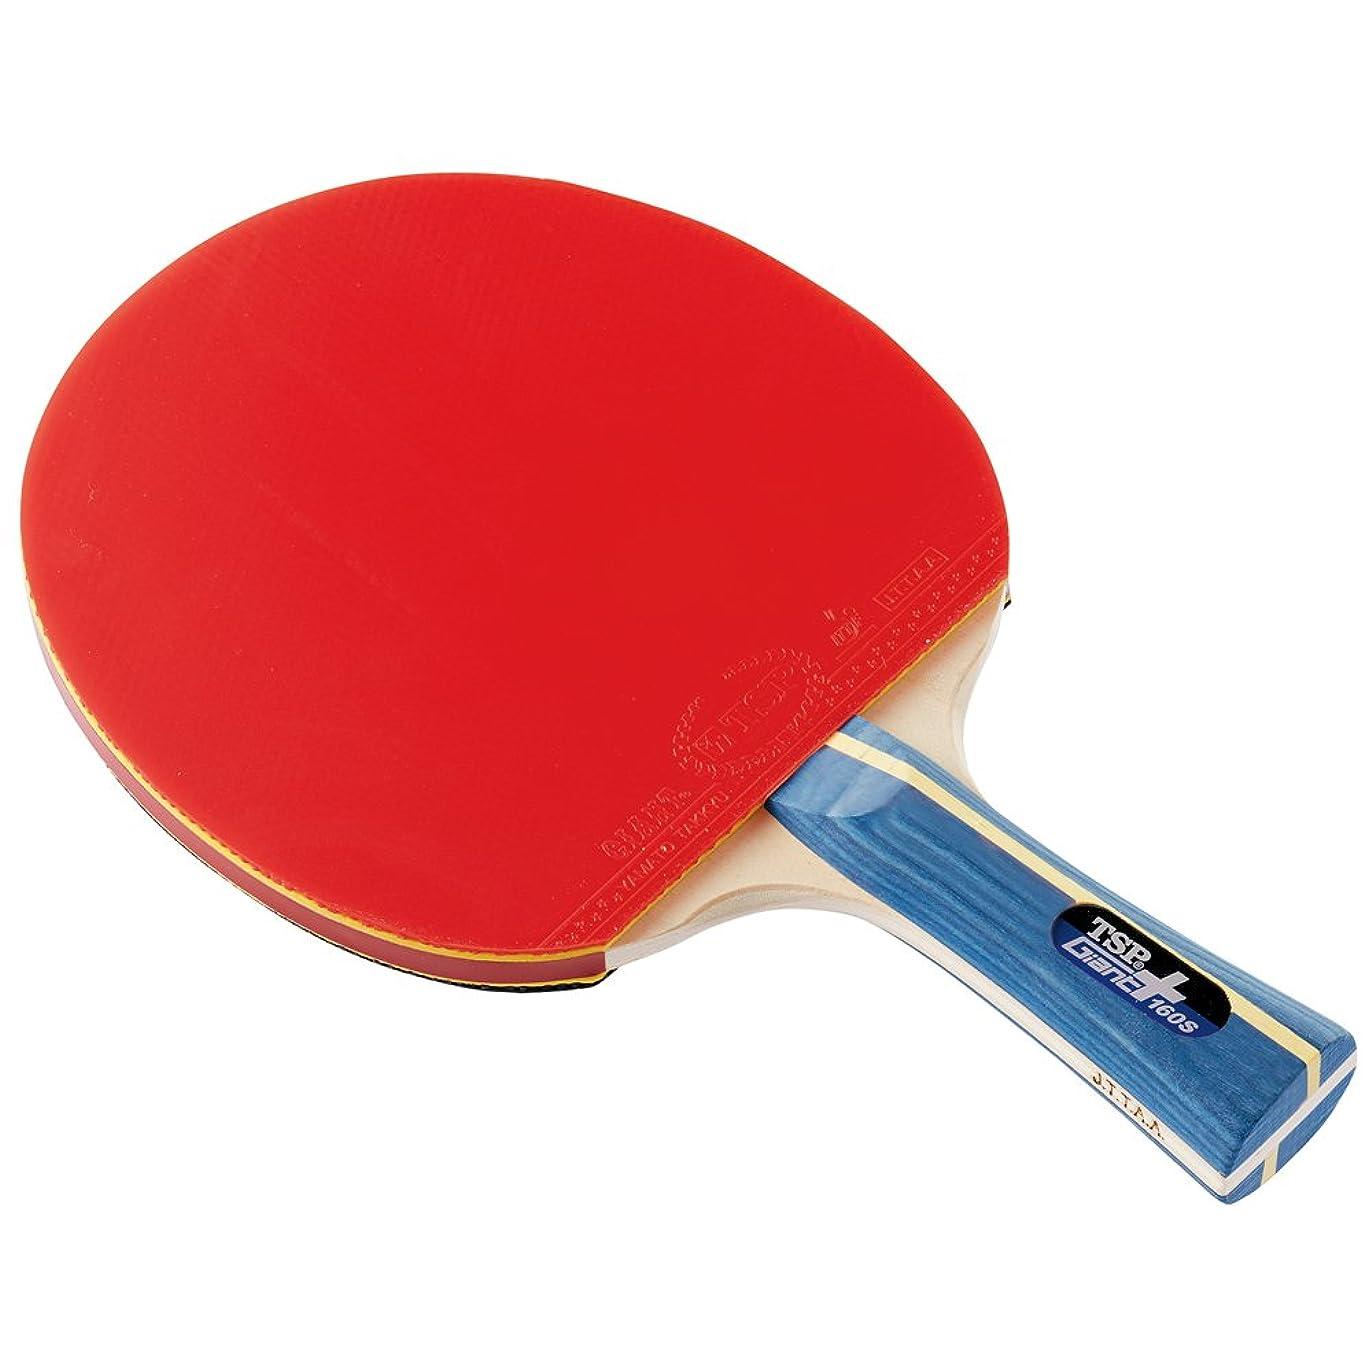 想像力豊かな皿ティーエスピー(TSP) 卓球 ラケット 貼り上がり ジャイアントプラス シェークハンド 160S (プラスチックボール 2個付き) 025490